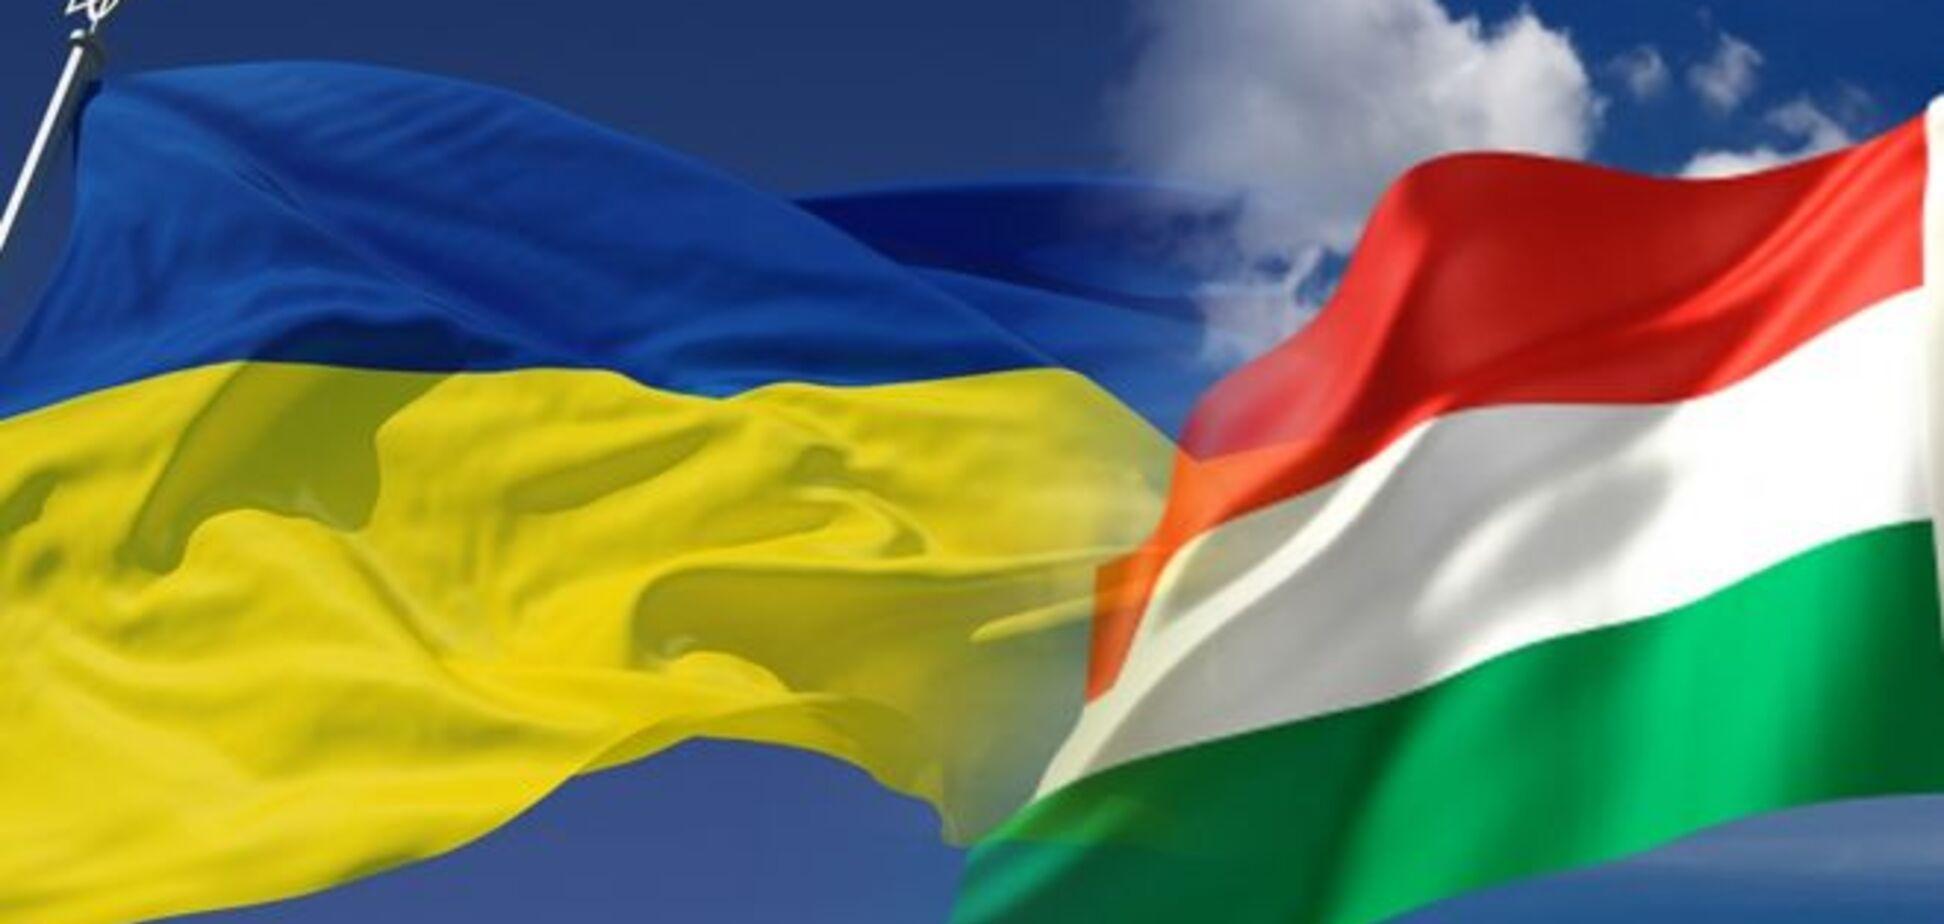 Венгрия из-за конфликта в Мукачево усилила охрану границы - СМИ